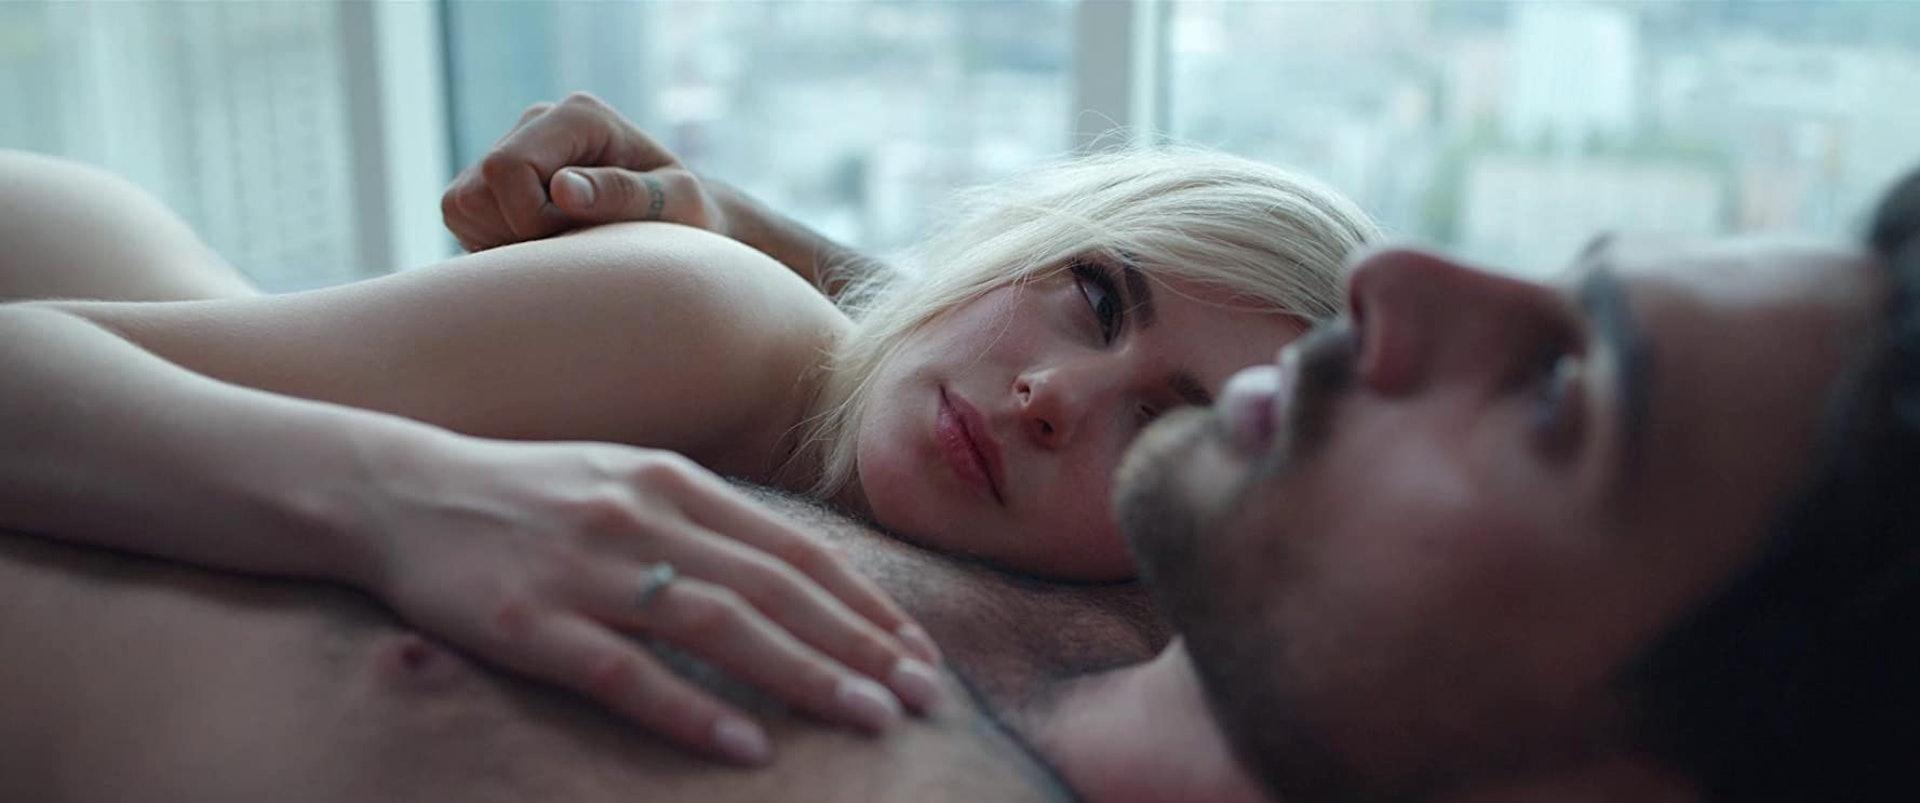 《禁室 365 天》成為全球熱話,男、女主角自然成為網絡熱話。(《禁室 365 天》劇照)